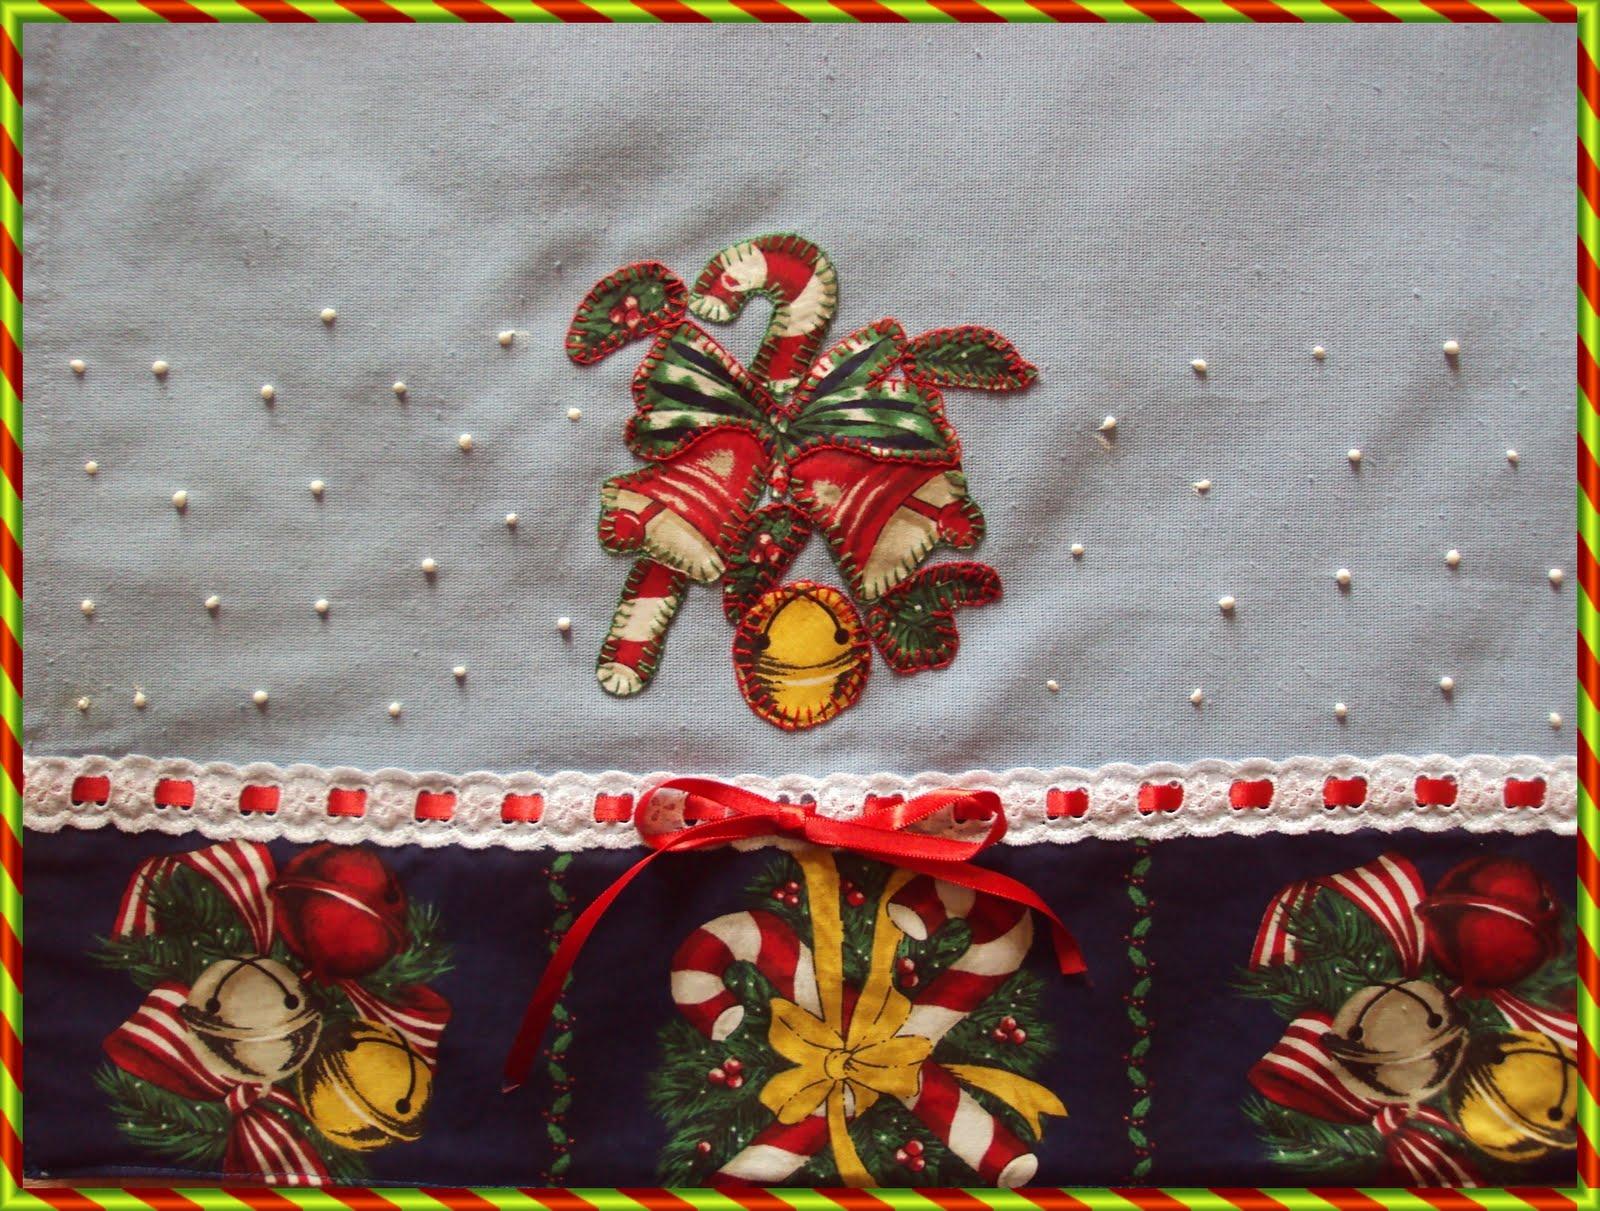 Artesanato Vintage Passo A Passo ~ Artesanato de Natal em tecido passo a passo Artesanato